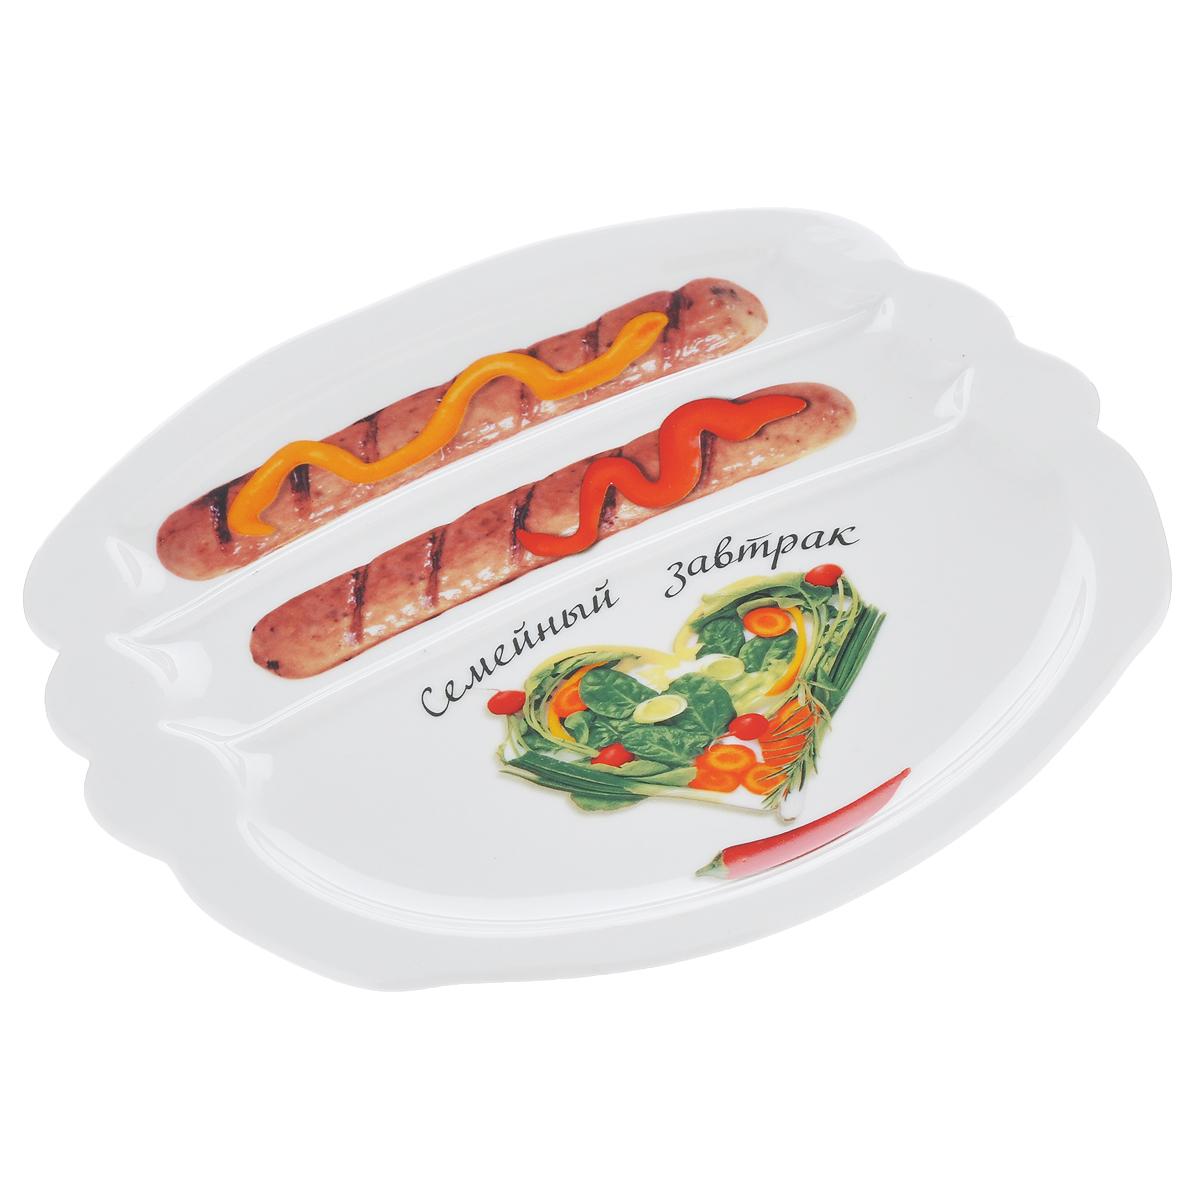 Тарелка для завтрака LarangE Семейный завтрак. Сердечный, 22,5 х 19 см блюдо для сосисок larange веселый завтрак с кошечкой 20 5 см х 19 см